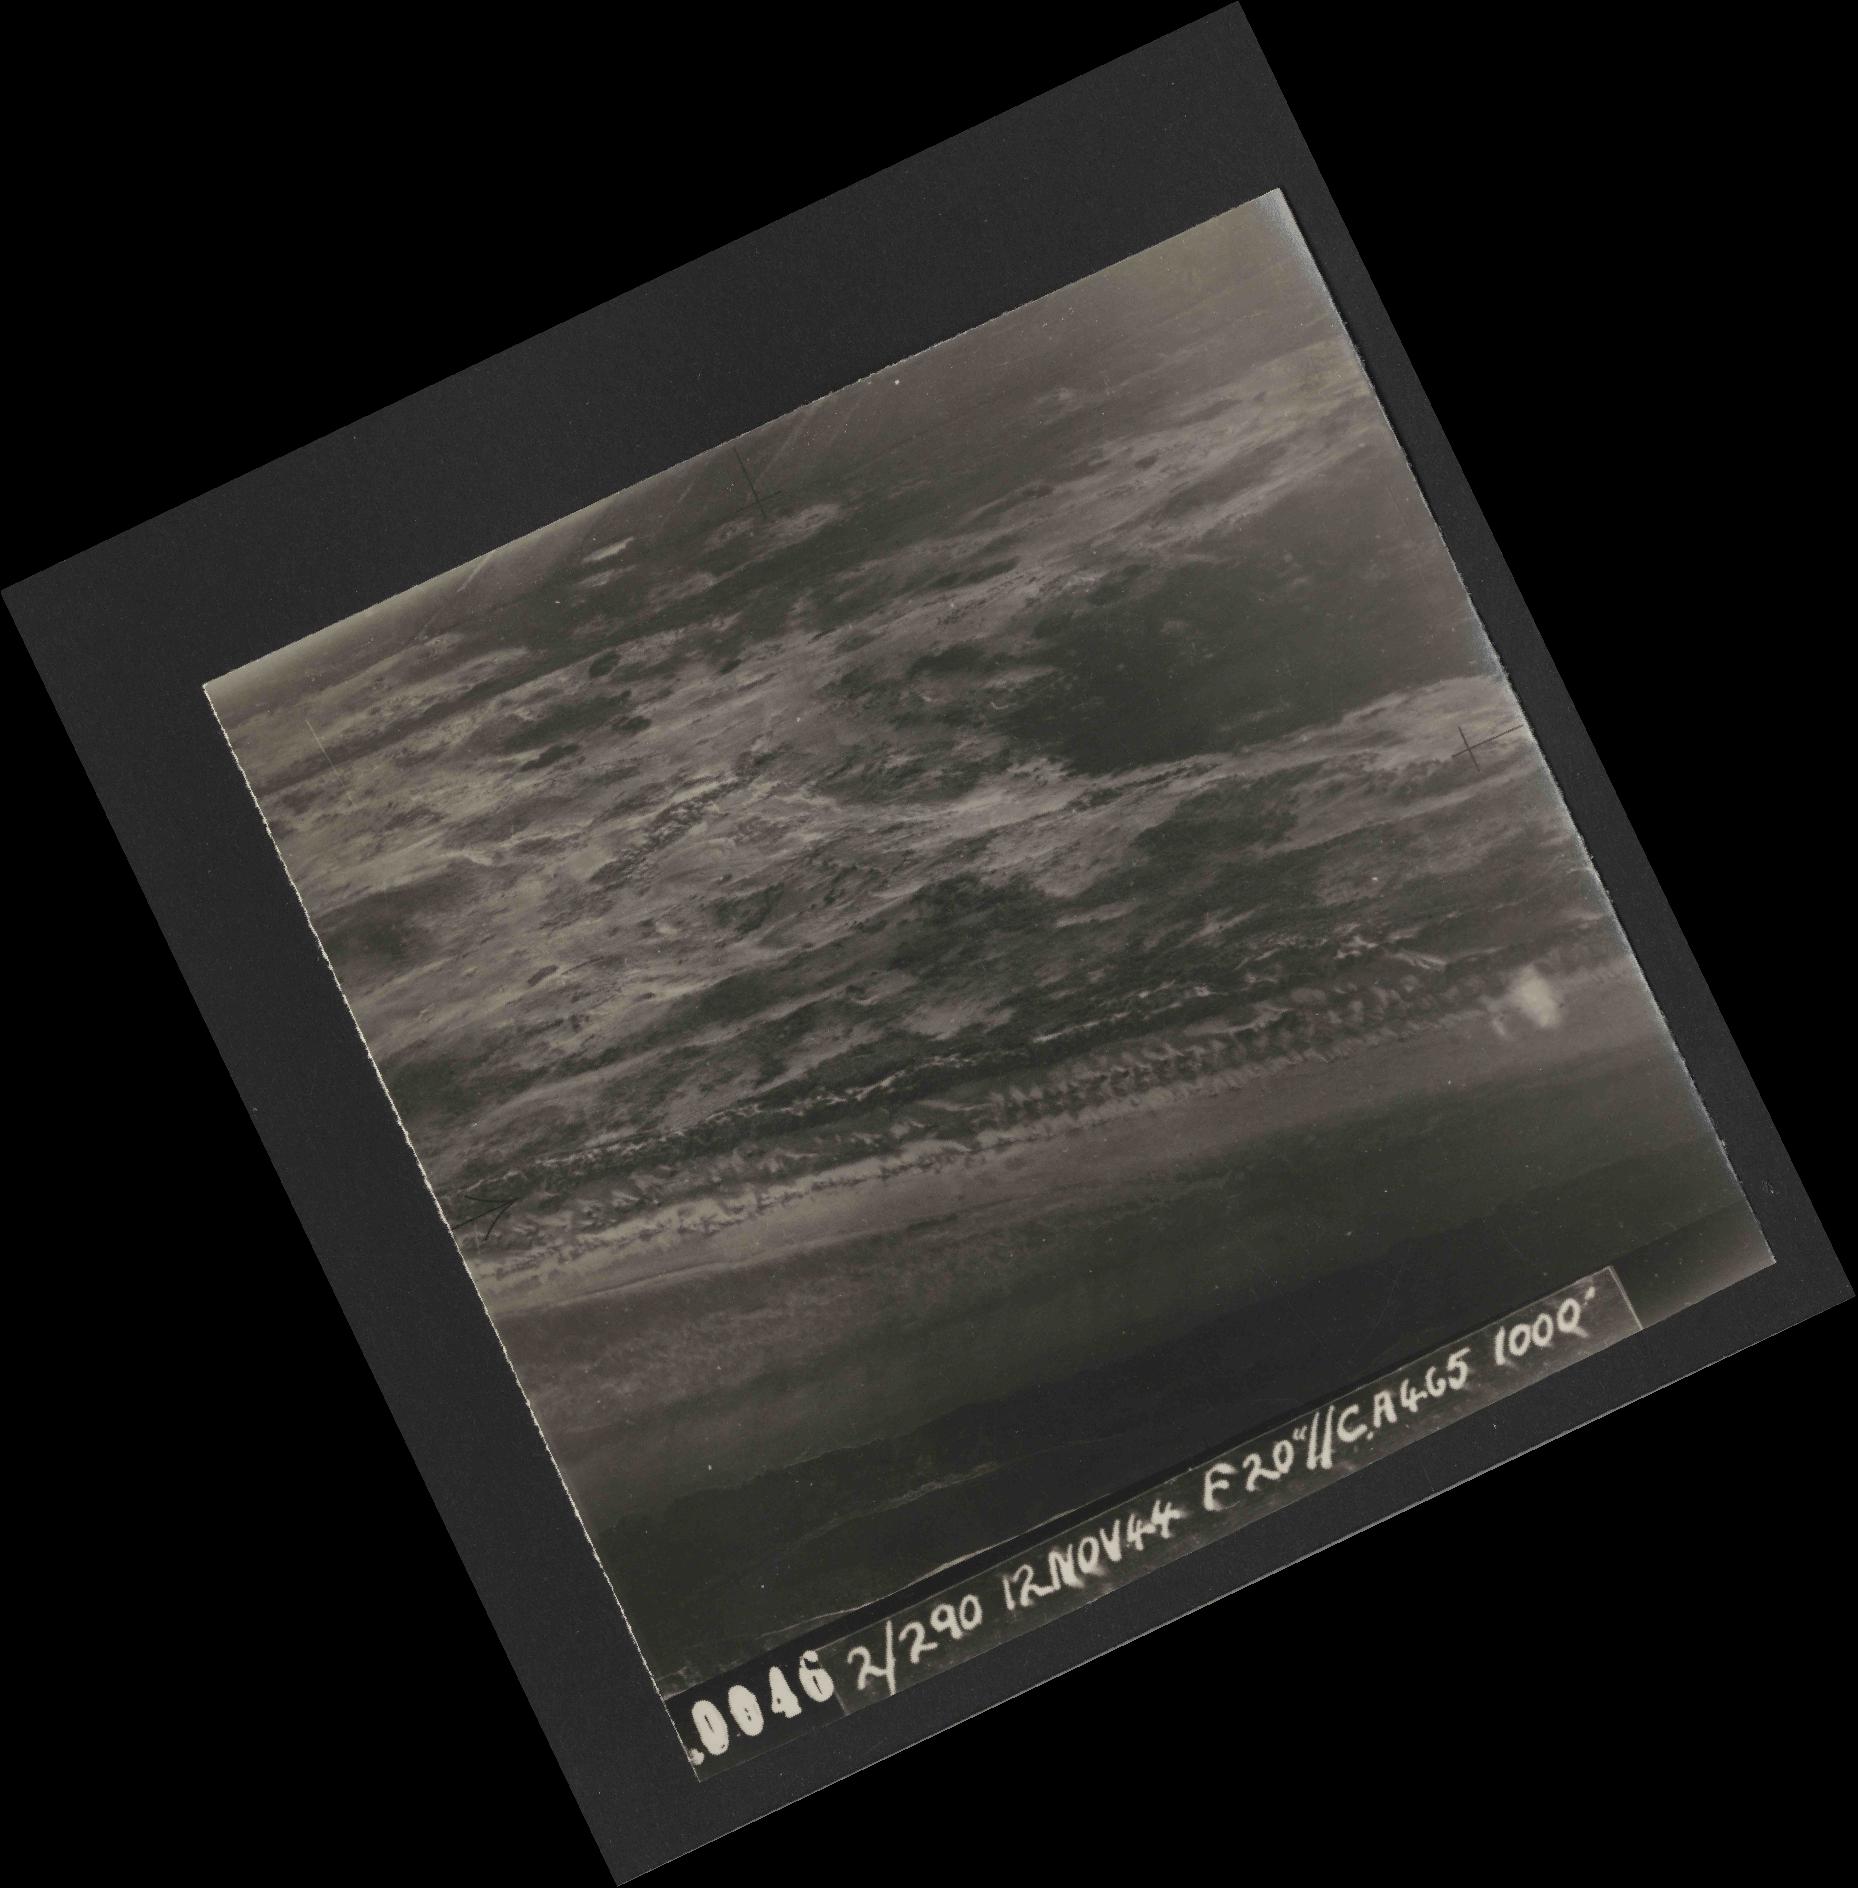 Collection RAF aerial photos 1940-1945 - flight 554, run 01, photo 0046